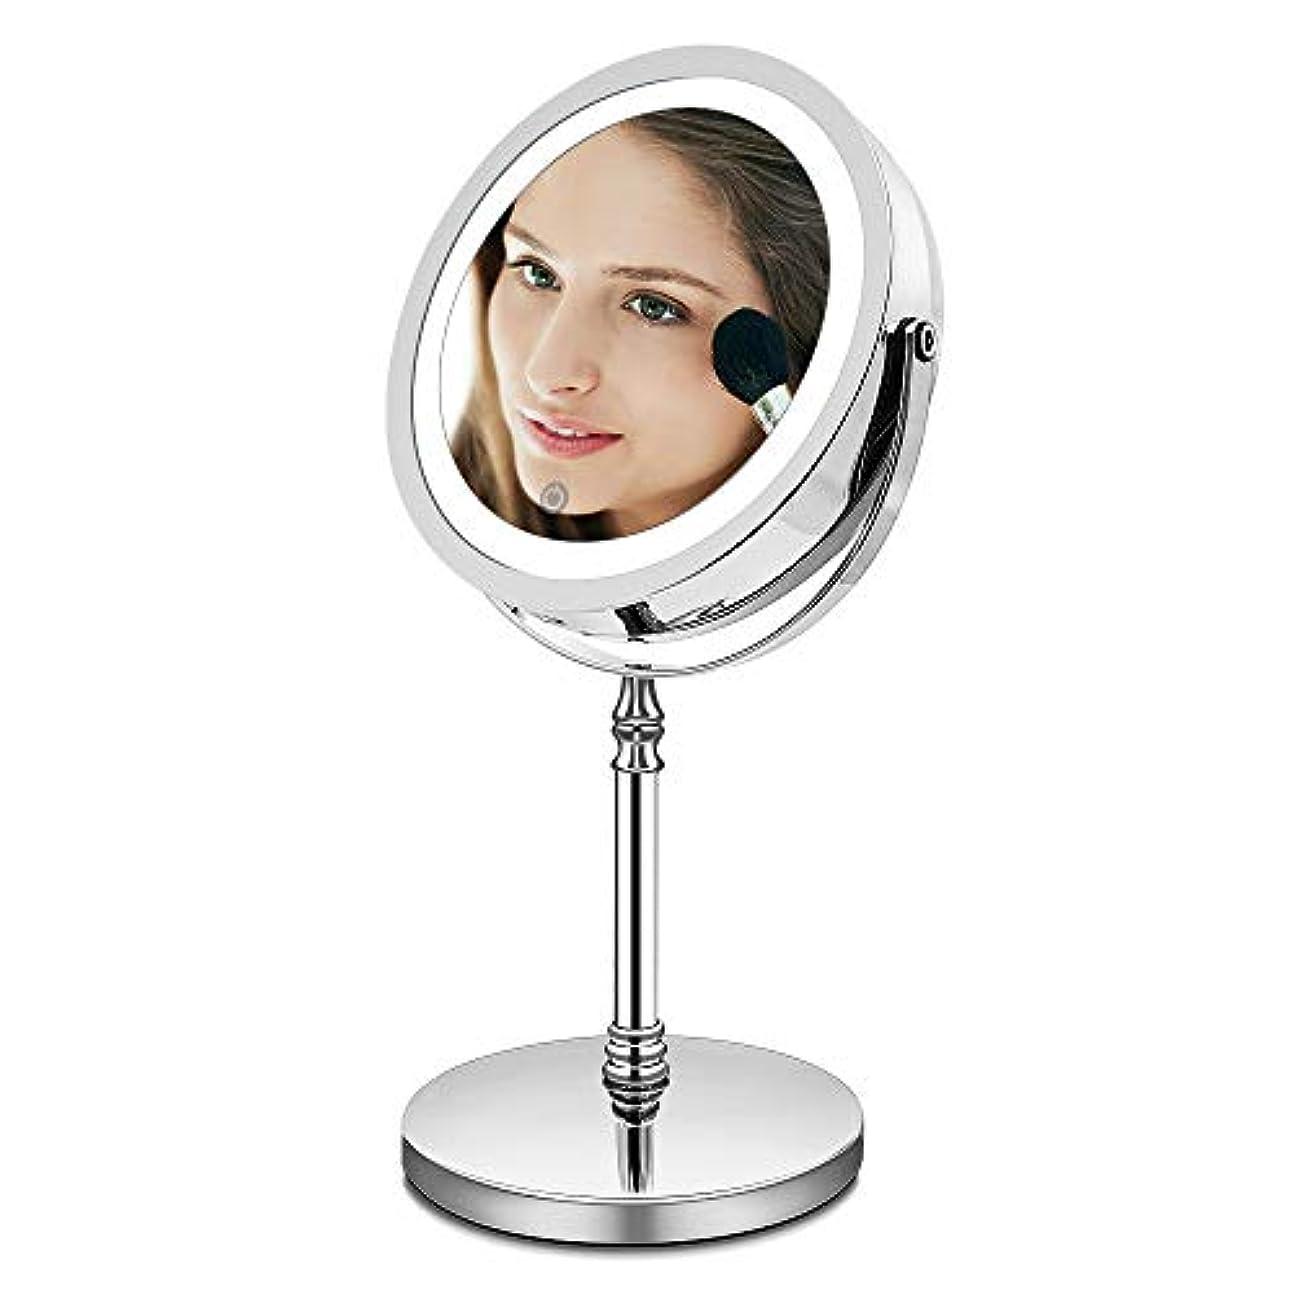 メンター本を読む種類AMZTOLIFE 10倍拡大鏡+等倍鏡 化粧鏡 ライト付き 卓上鏡 ミラー 鏡 化粧ミラー メイクアップミラー スタンドミラー 360度回転 明るさ調節 日本語取扱説明書付き (タイチー)